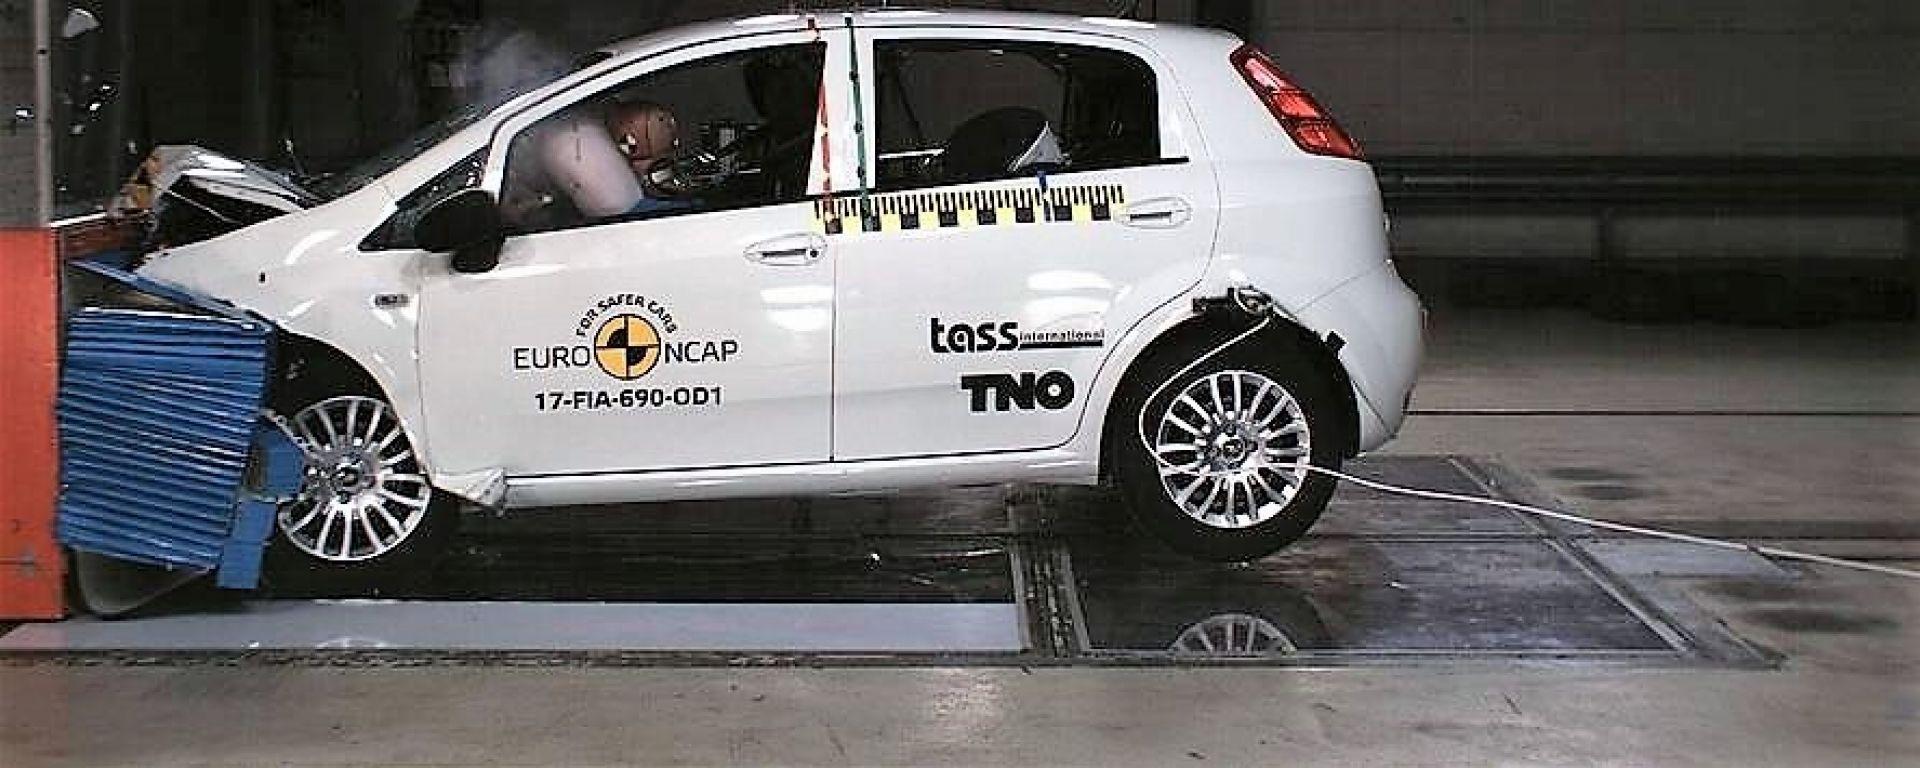 Fiat Punto ai crash test EuroNCAP